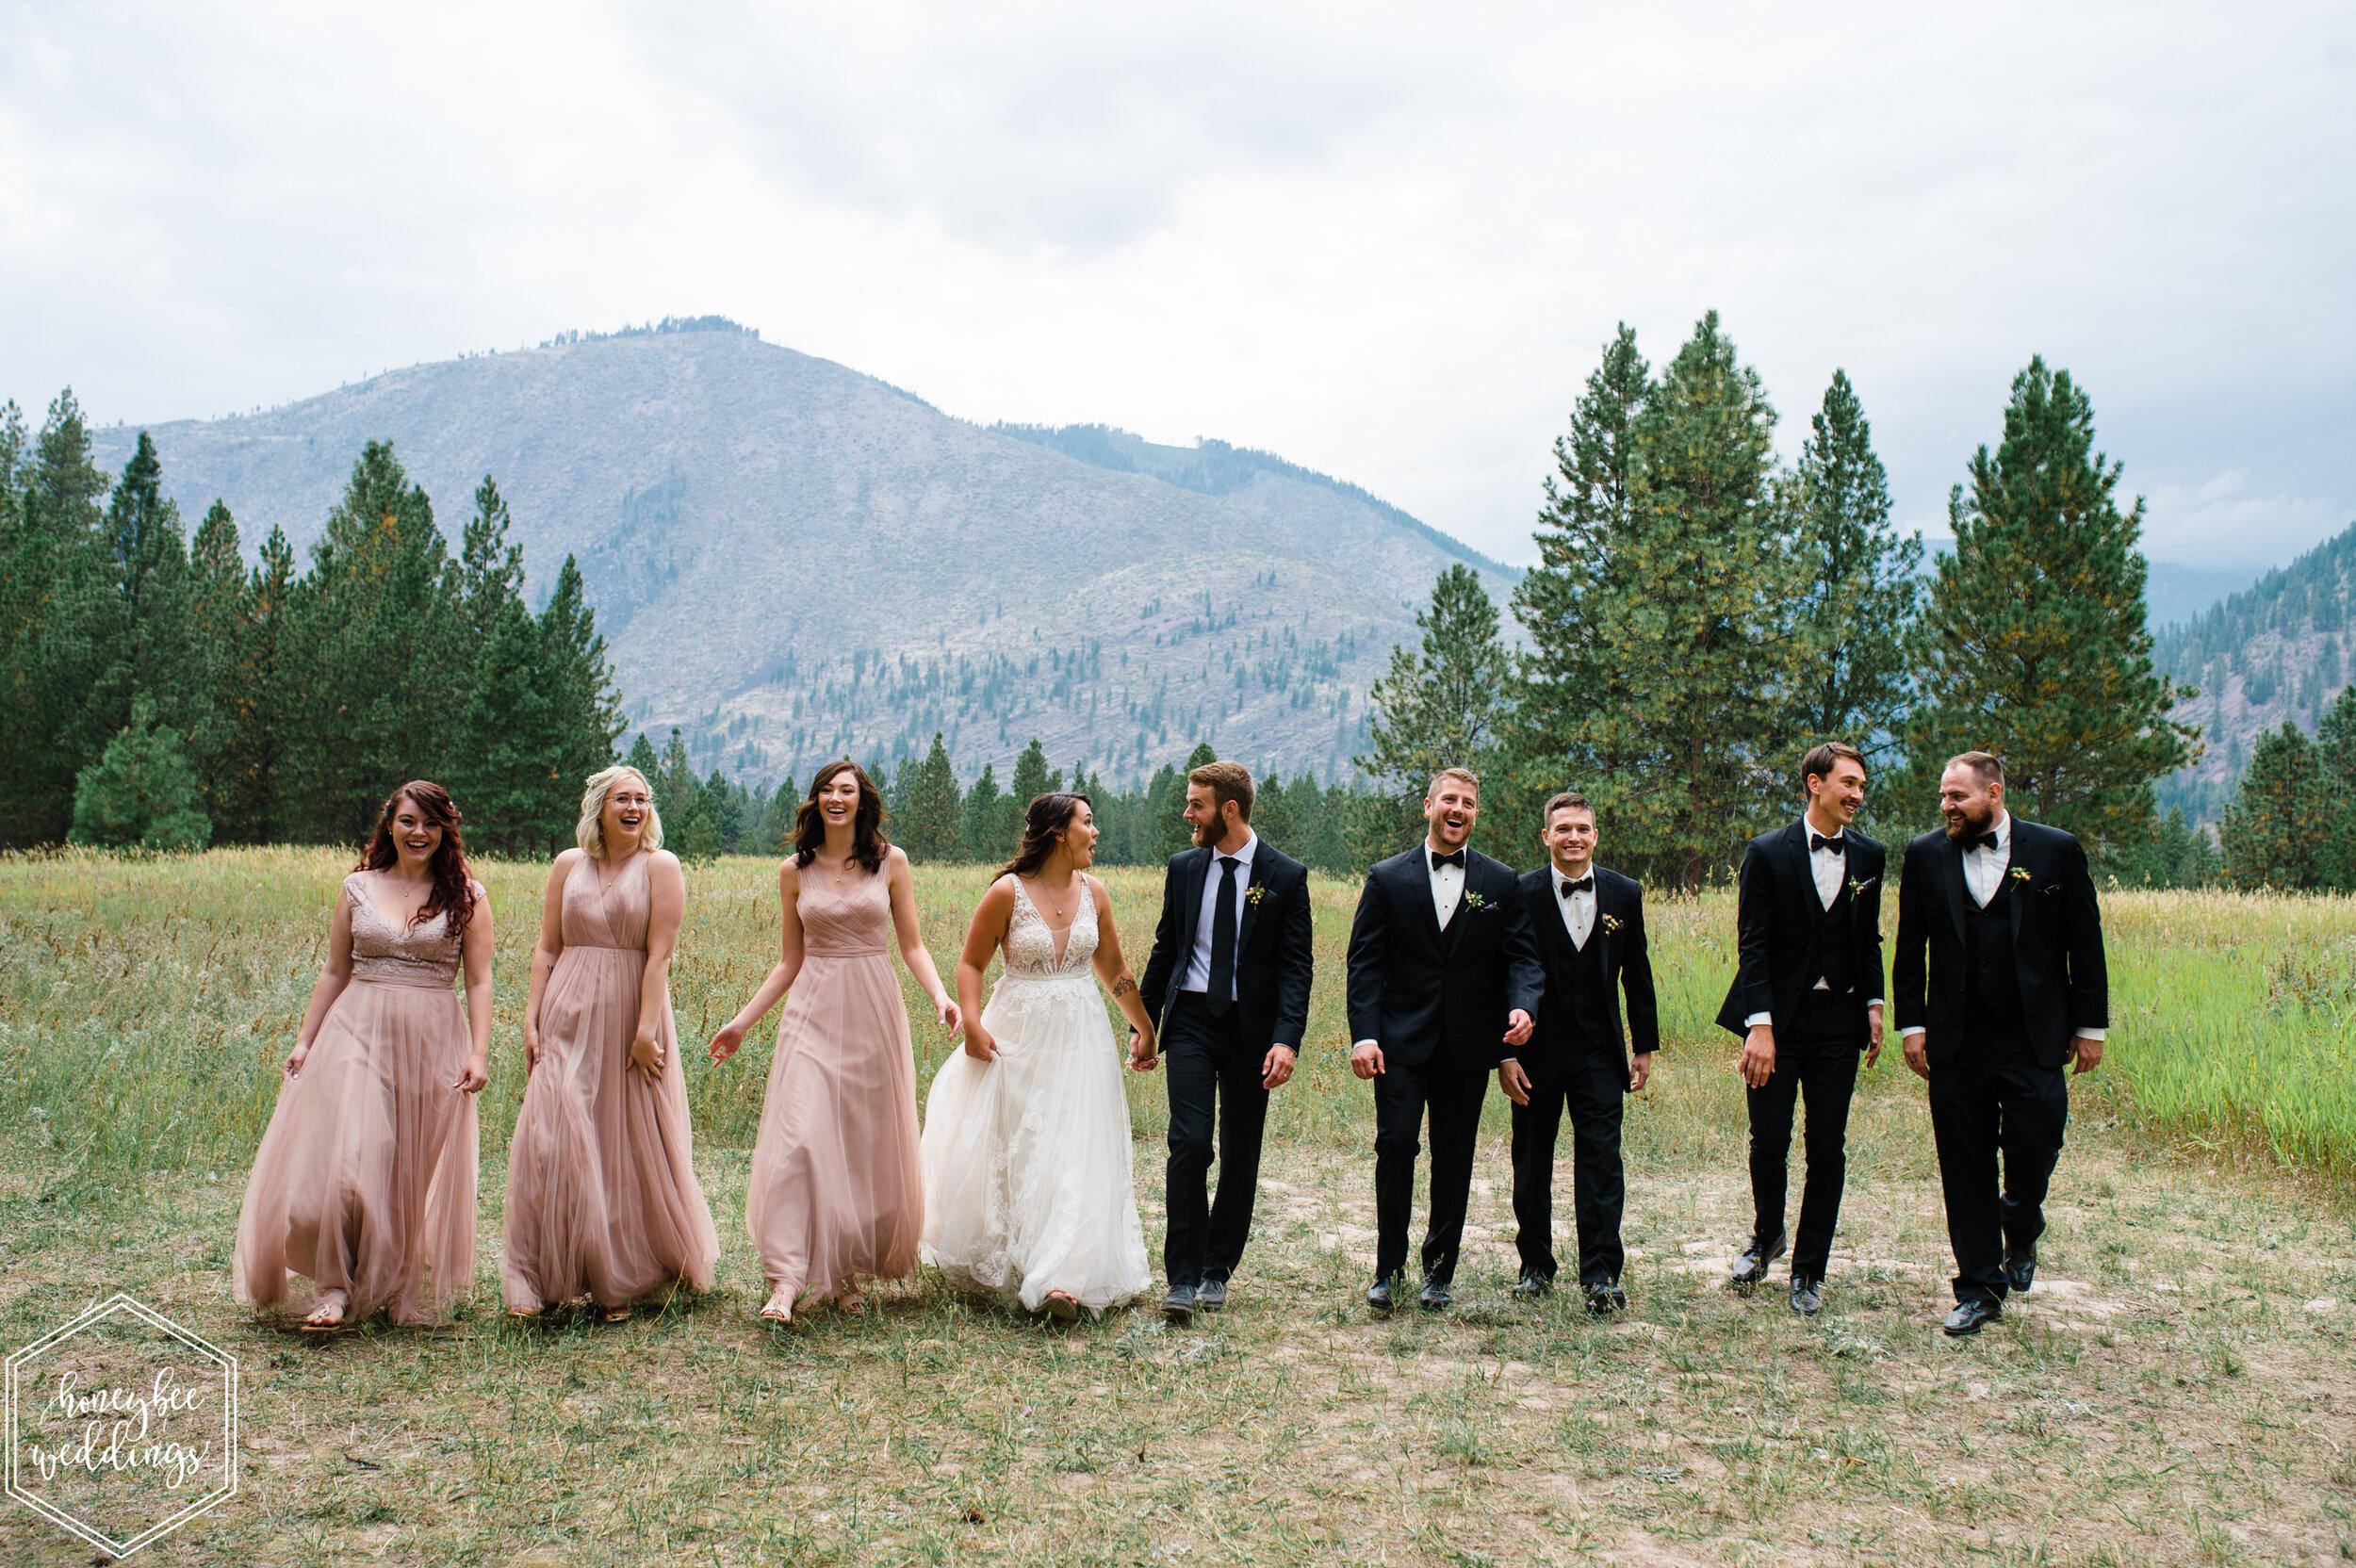 088White Raven Wedding_Montana Wedding Photographer_Corey & Corey_Honeybee Weddings_September 06, 2019-1596.jpg